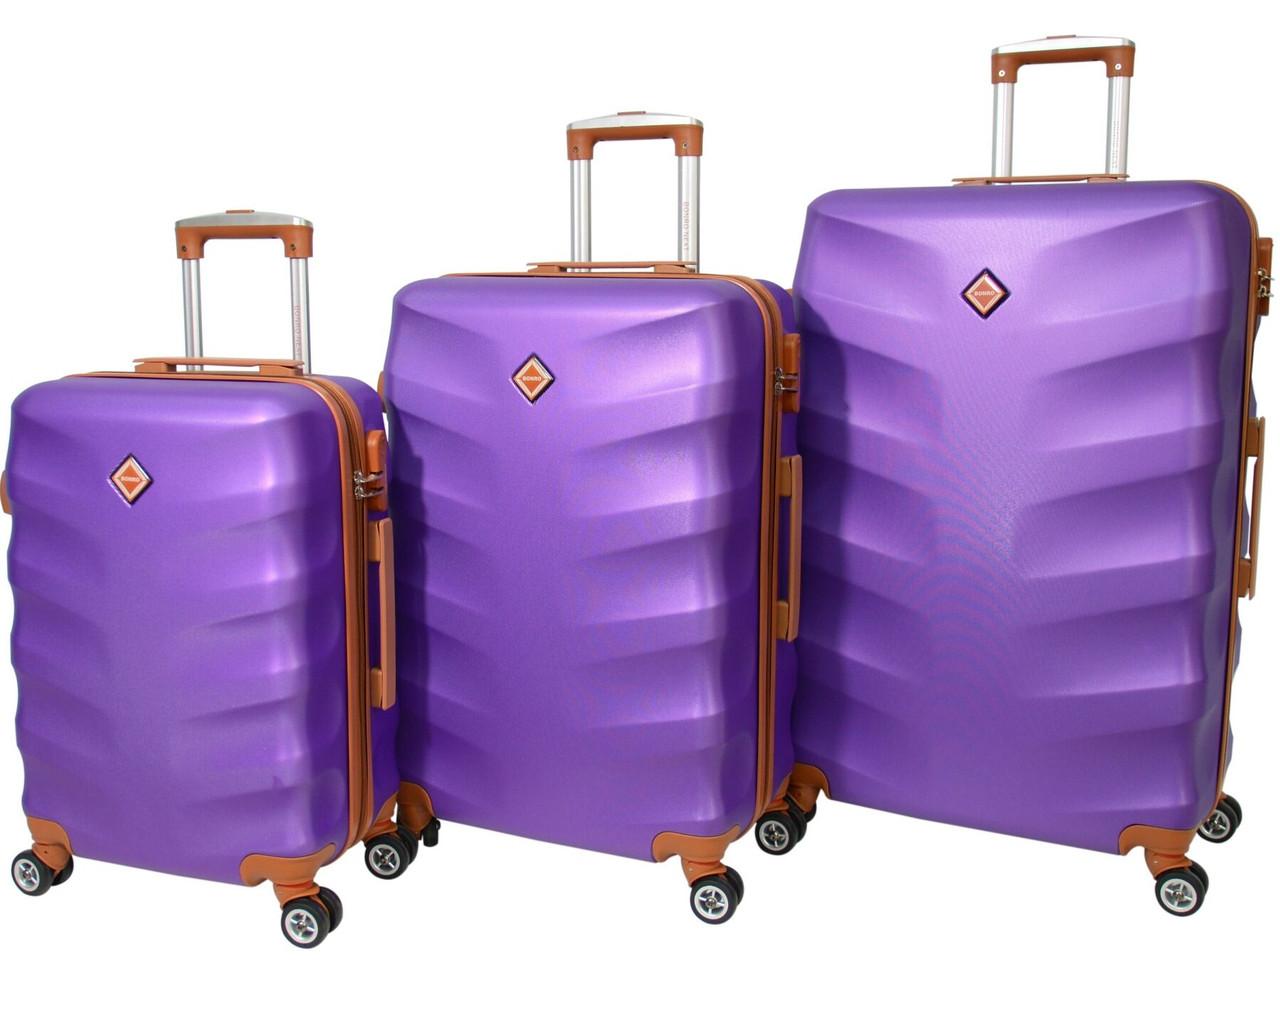 Дорожные чемоданы Bonro Next набор 3 штуки фиолетовый